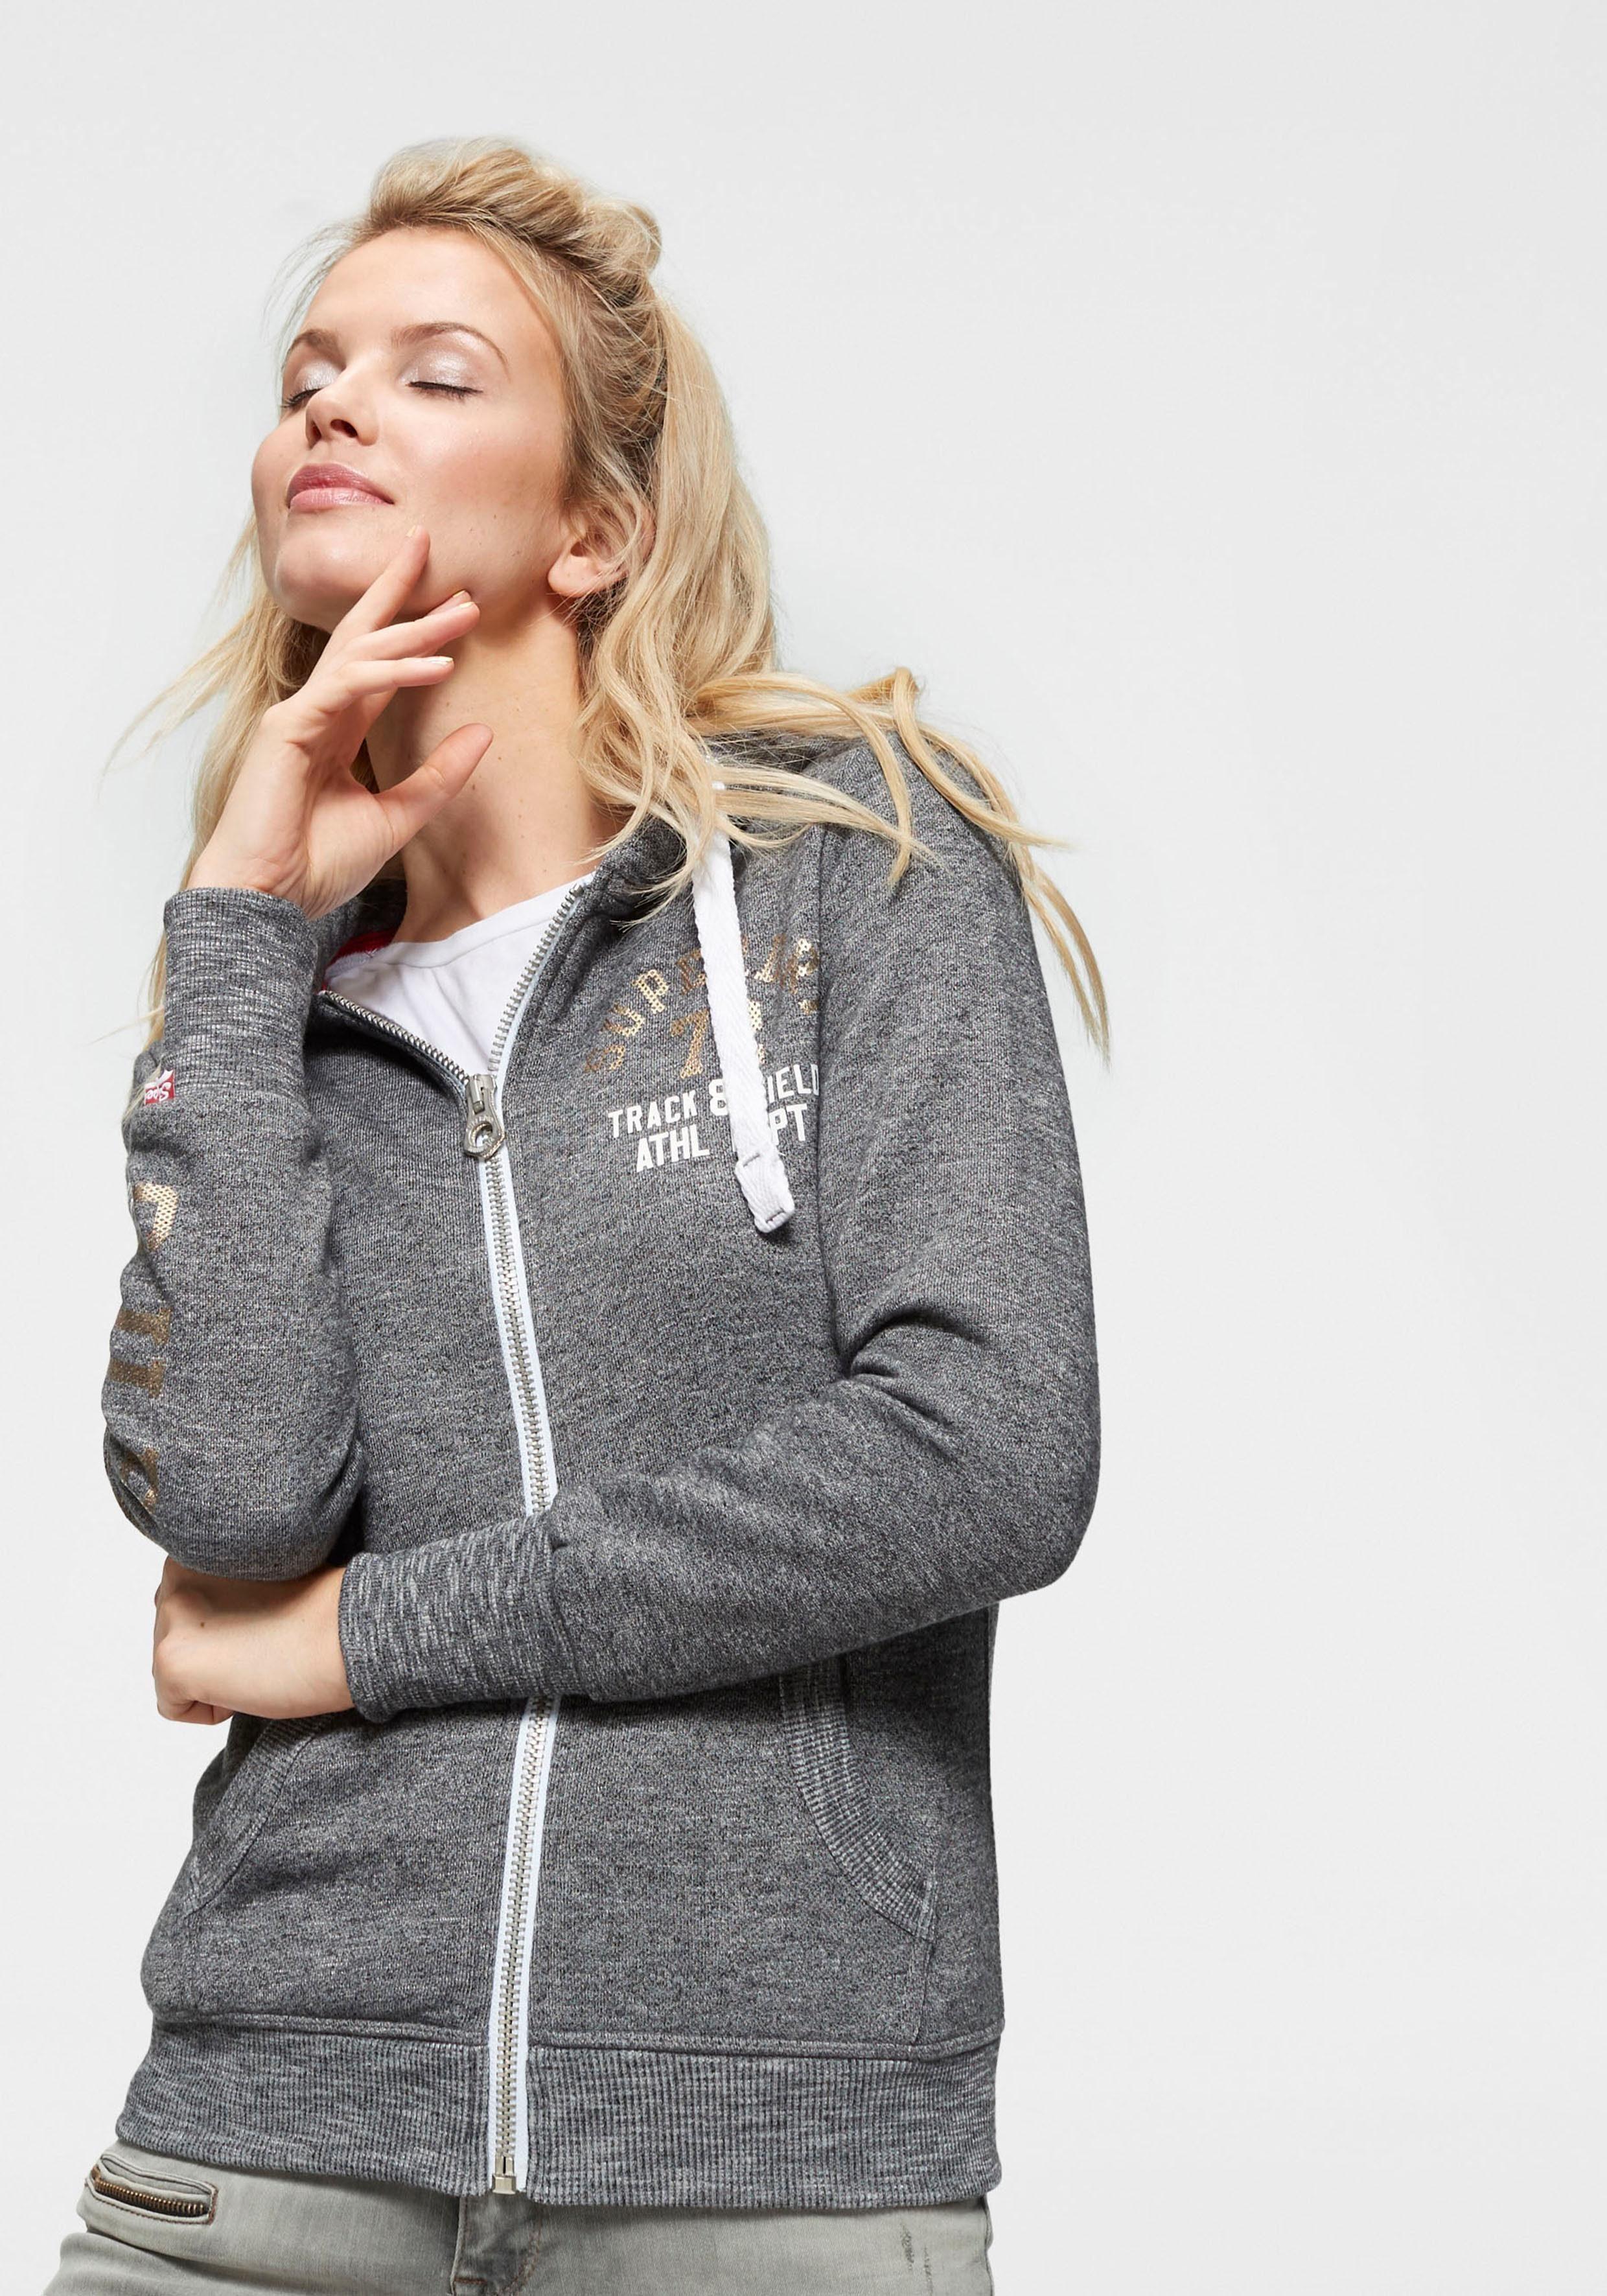 Superdry Kapuzensweatjacke »TRACK & FIELD ZIPHOOD« im College Style online kaufen   OTTO